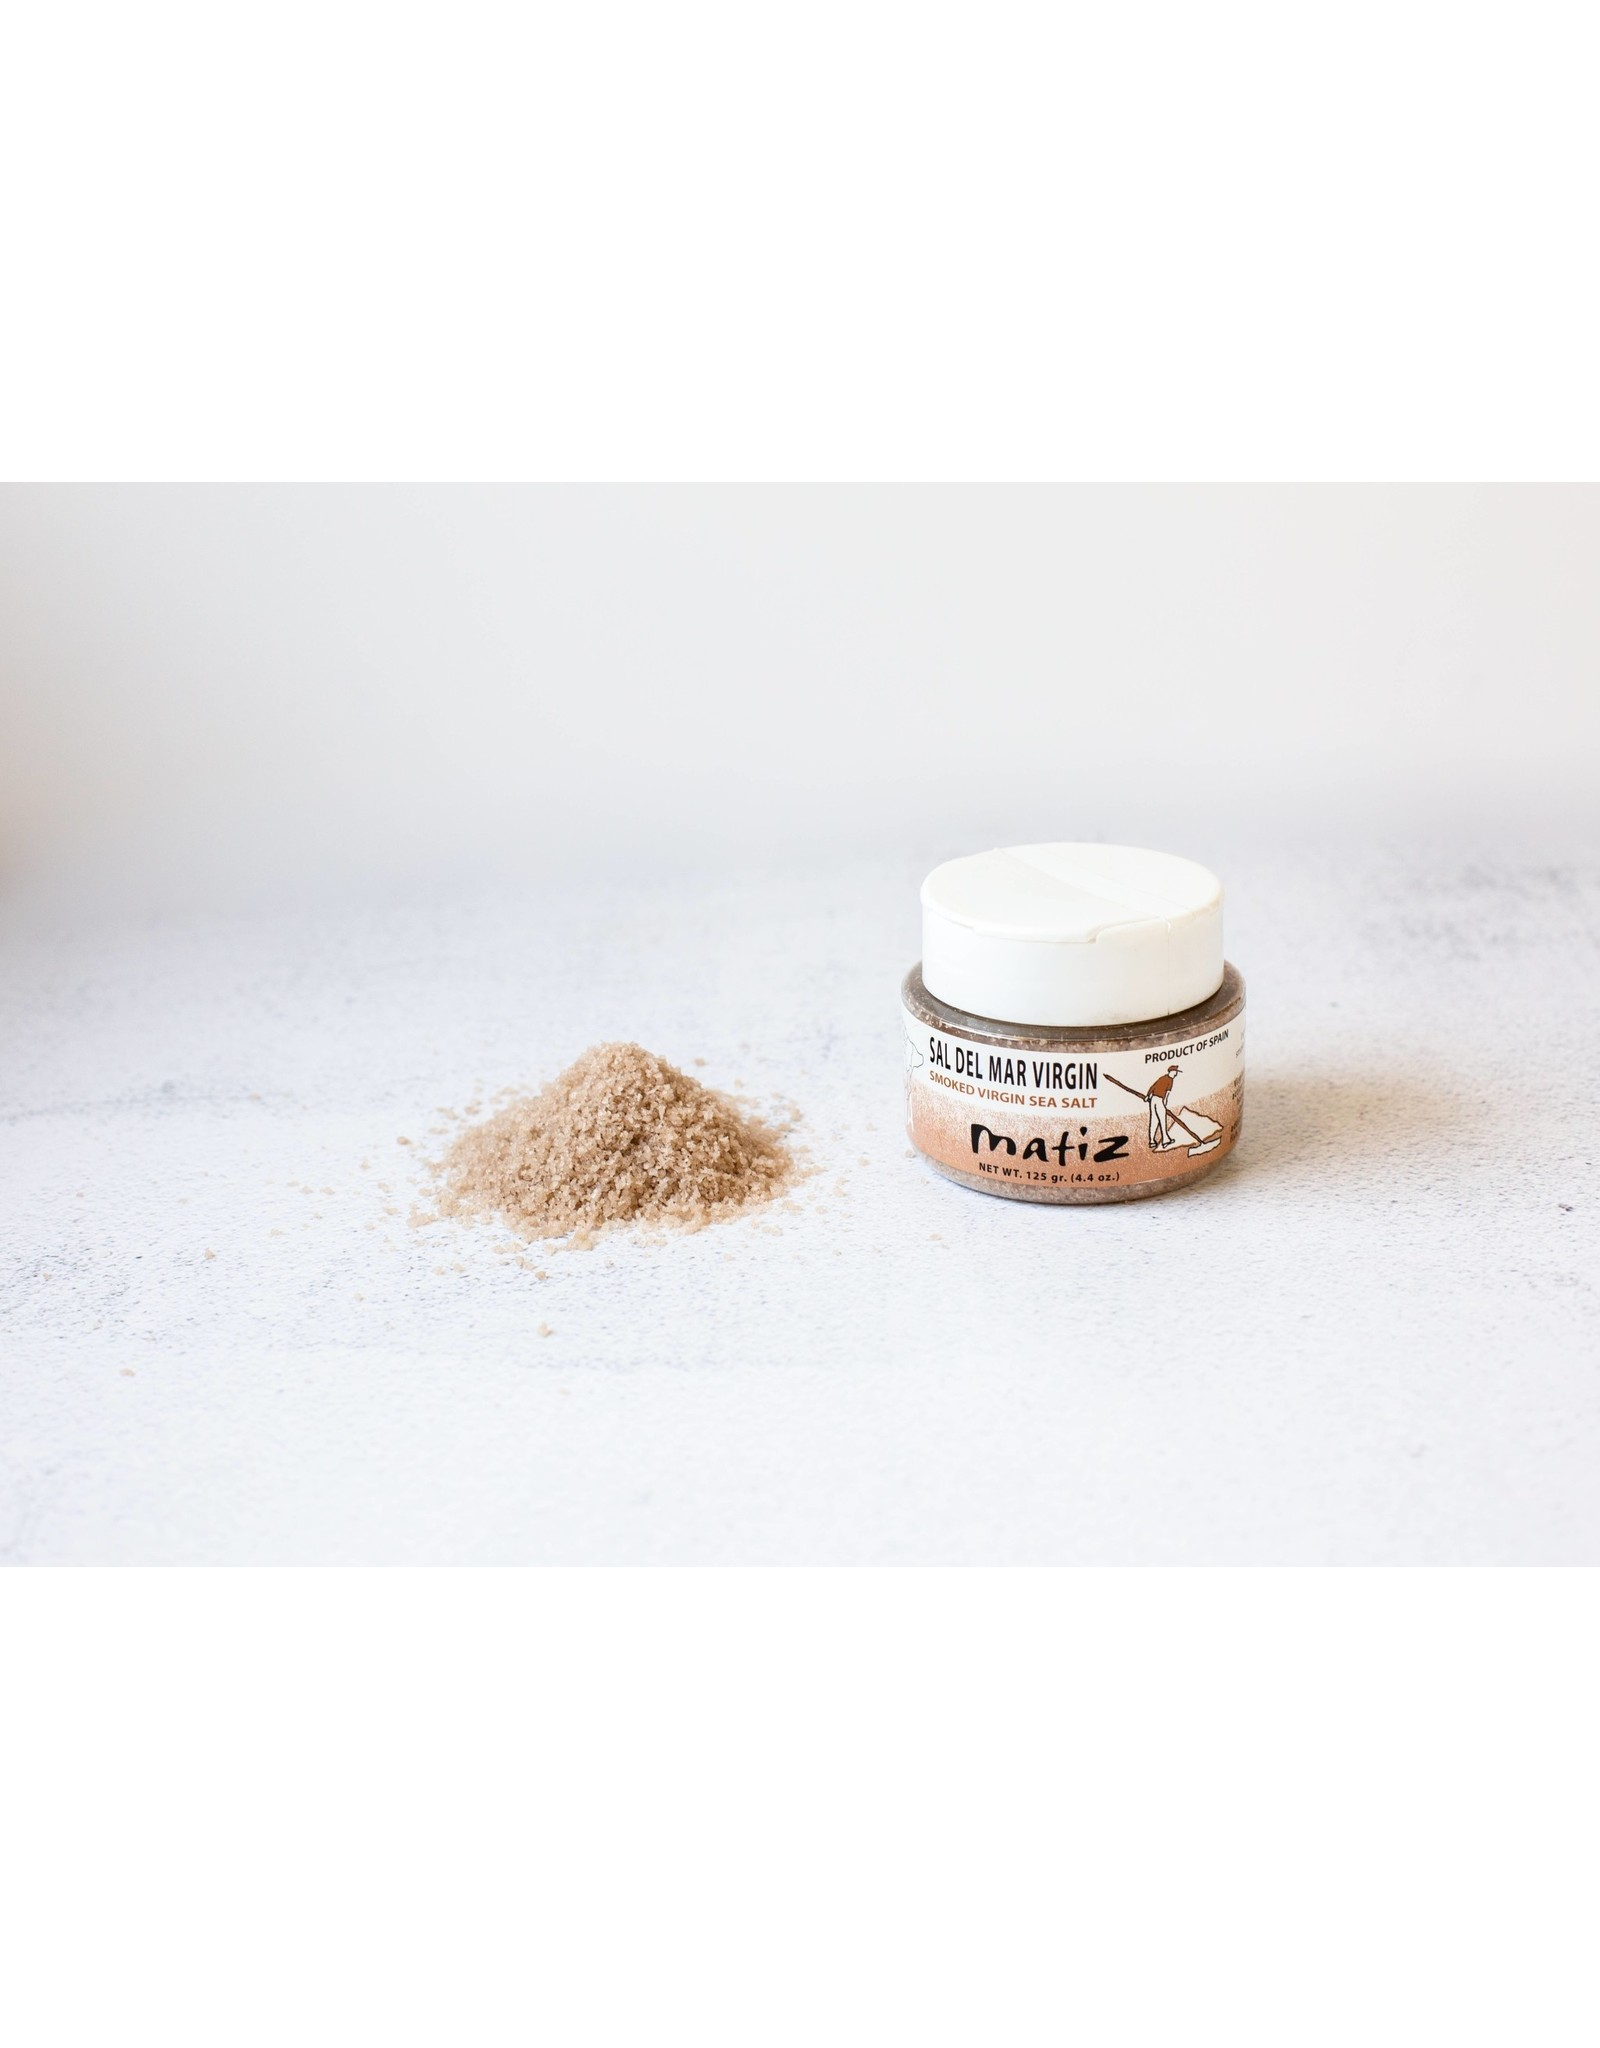 Matiz Matiz Smoked Virgin Sea Salt